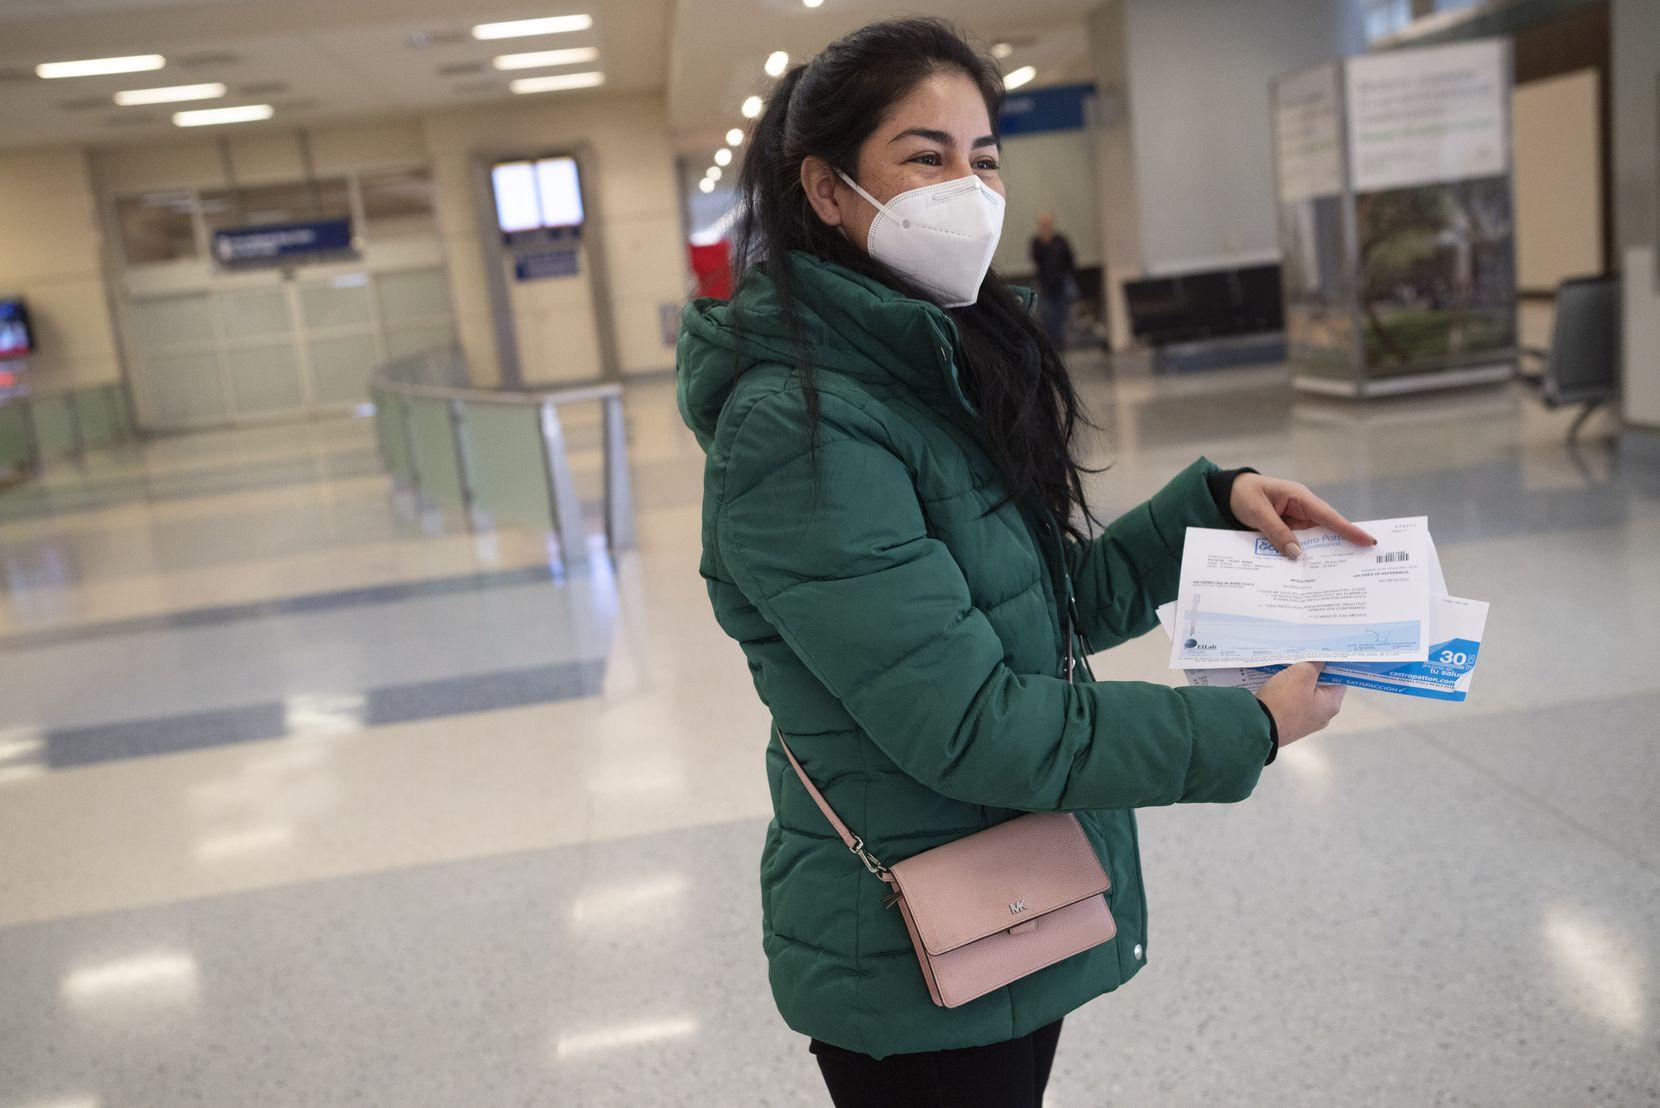 Jéssica Bárcenas mostró los documentos con el resultado negativo de sus pruebas de covid-19 de ella y su familia. Por cada prueba pagó $80, en México.